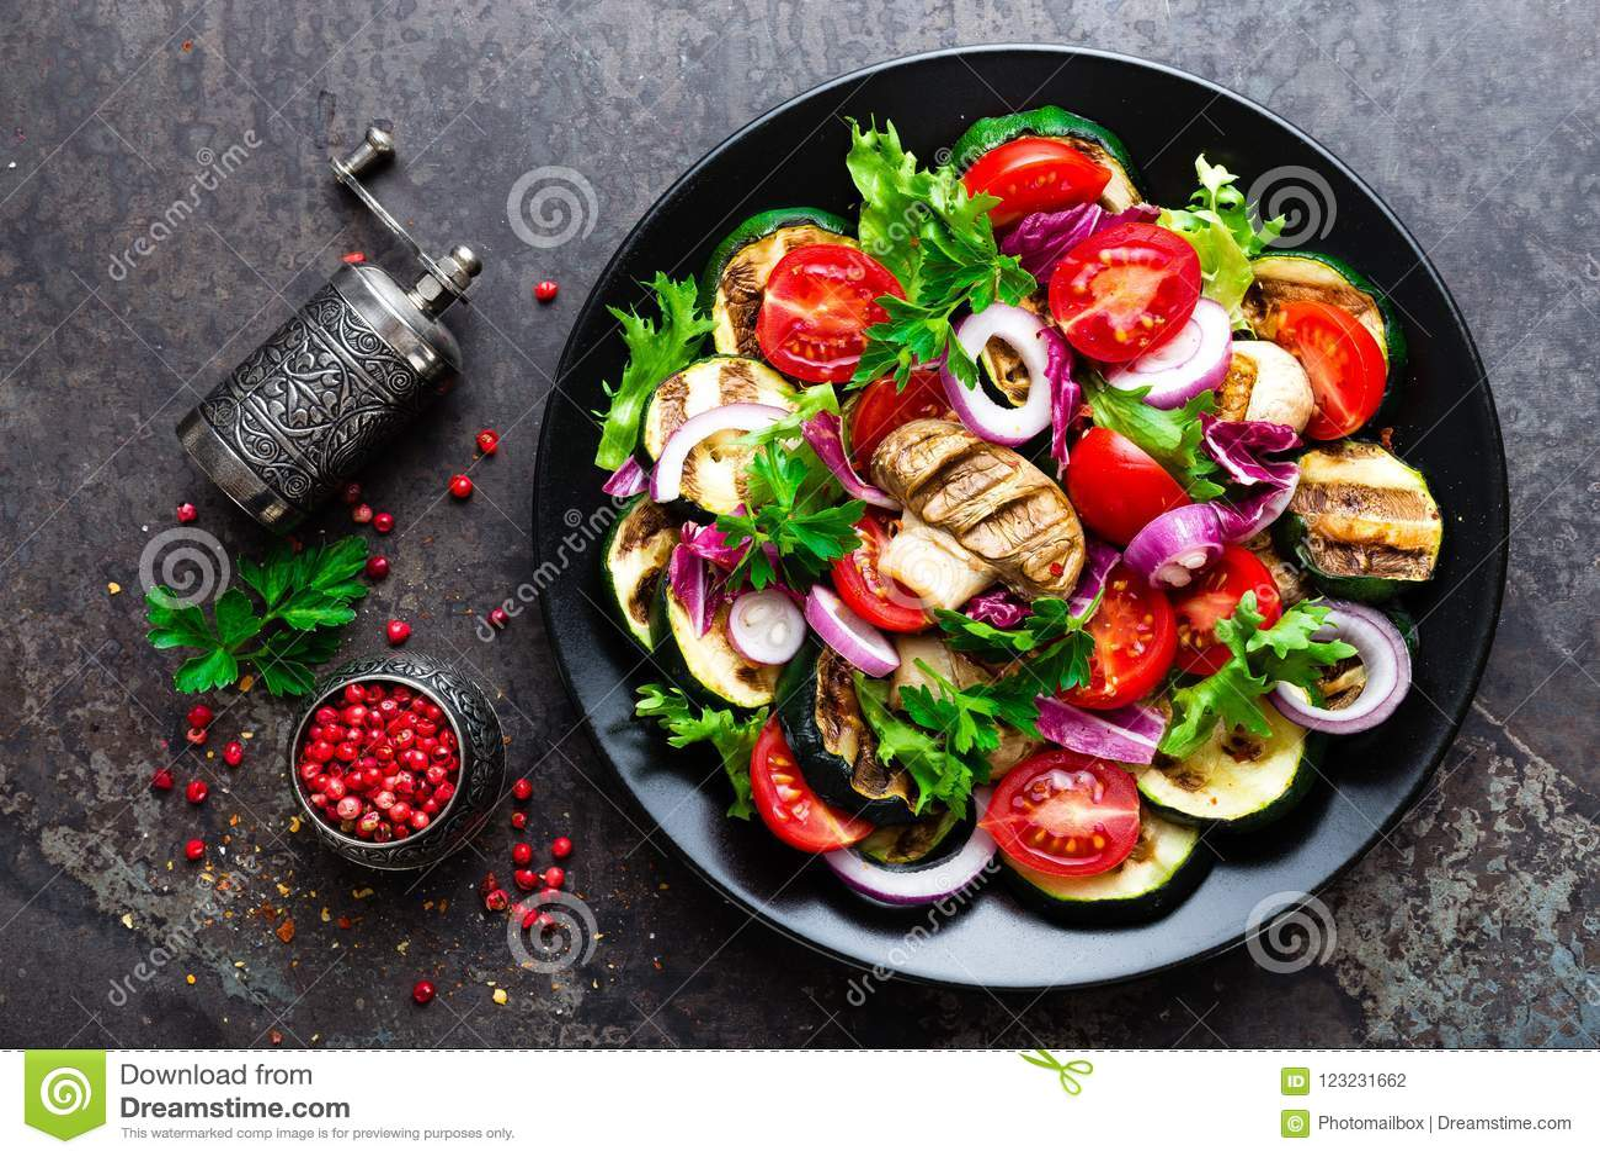 Insalata con le verdure fresche e arrostite ed i funghi Insalata di verdure con i funghi prataioli arrostiti Insalata di verdure